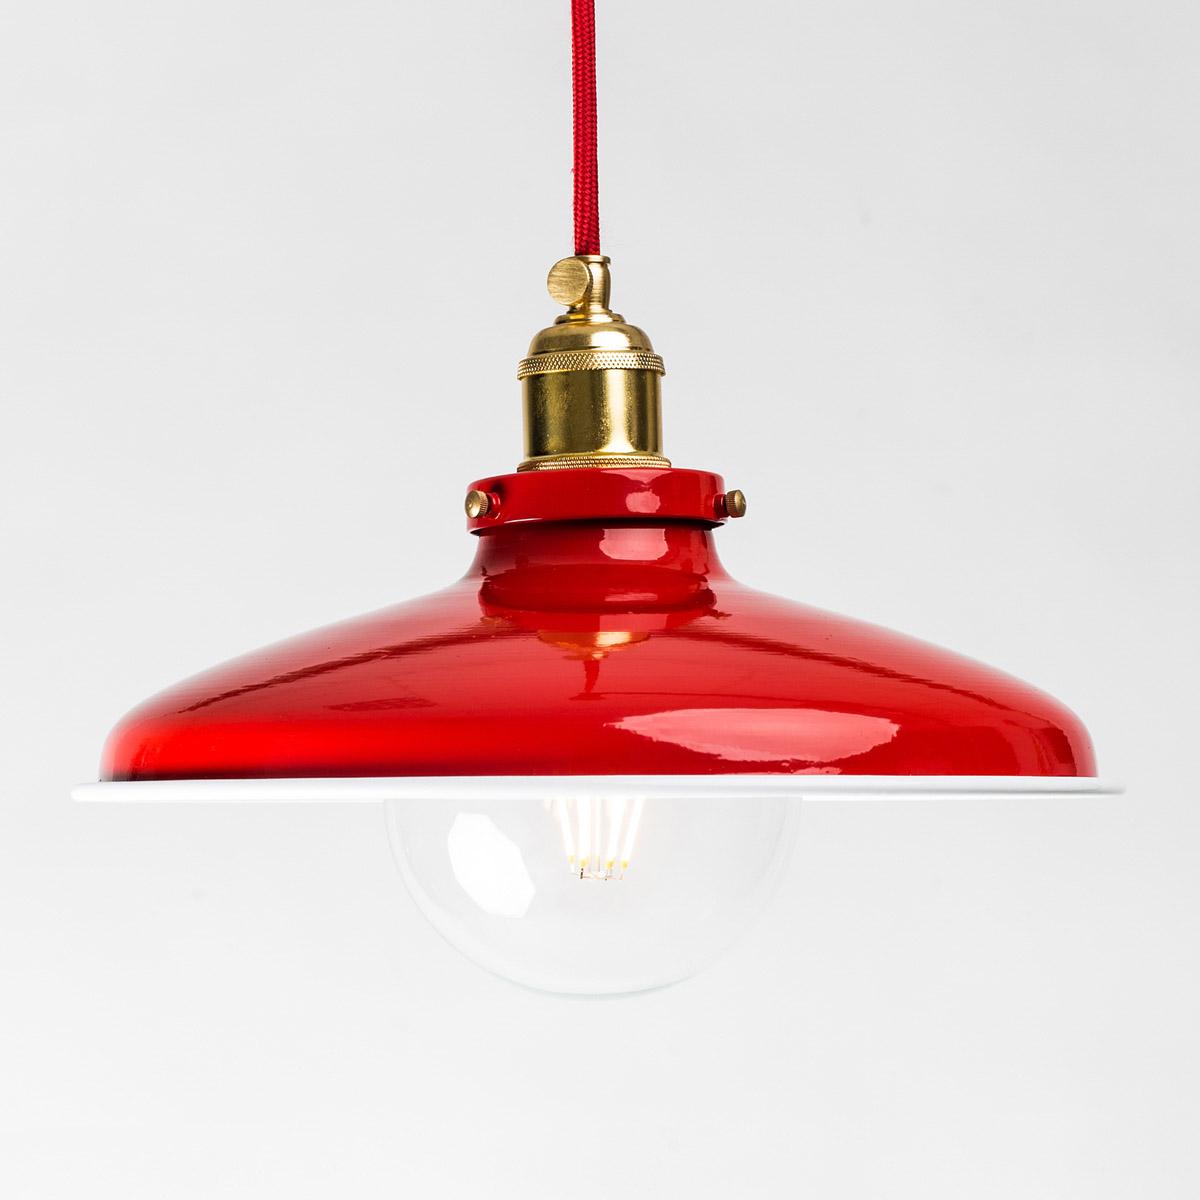 Потолочный светильник 576 стальной красный